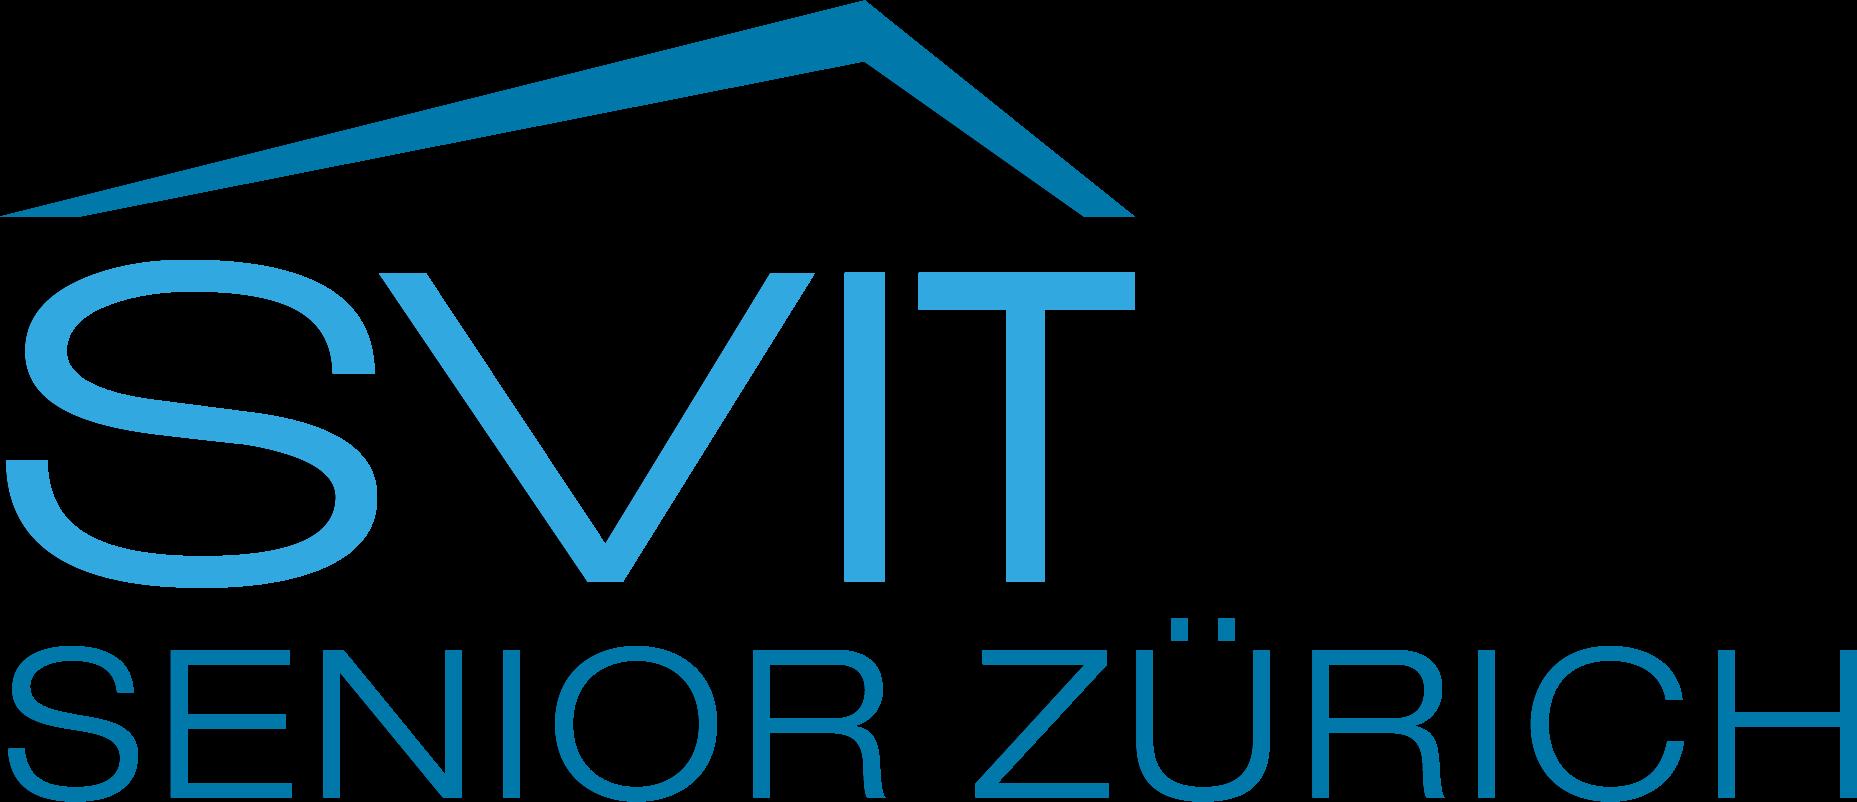 SVIT Senior Zürich